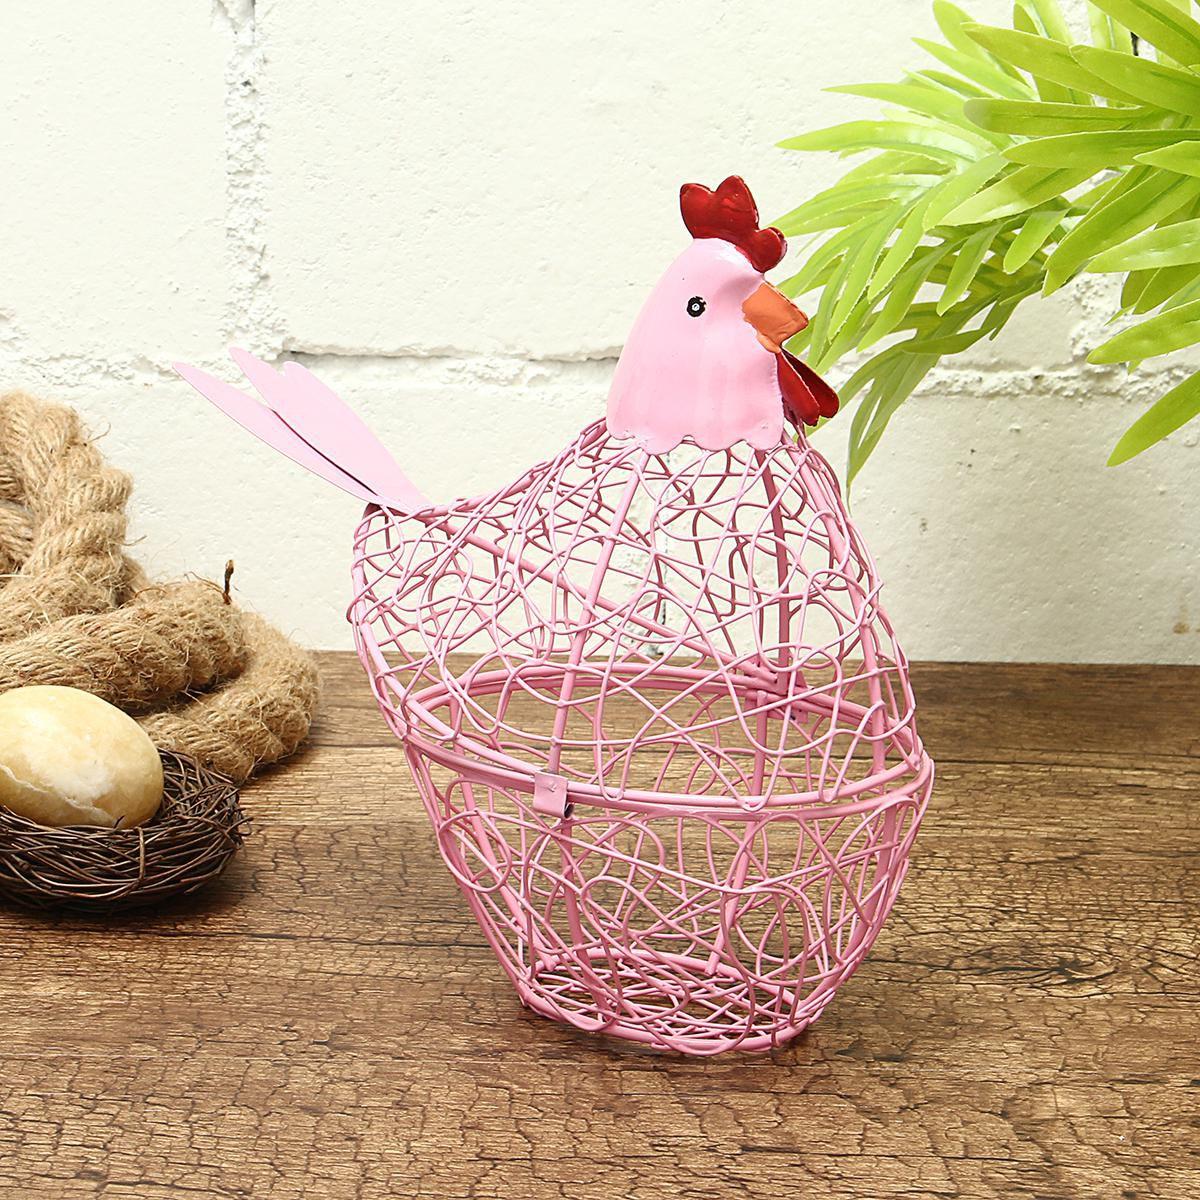 Hen Wire Egg Basket Storage SDL 1 26f1c JPEG